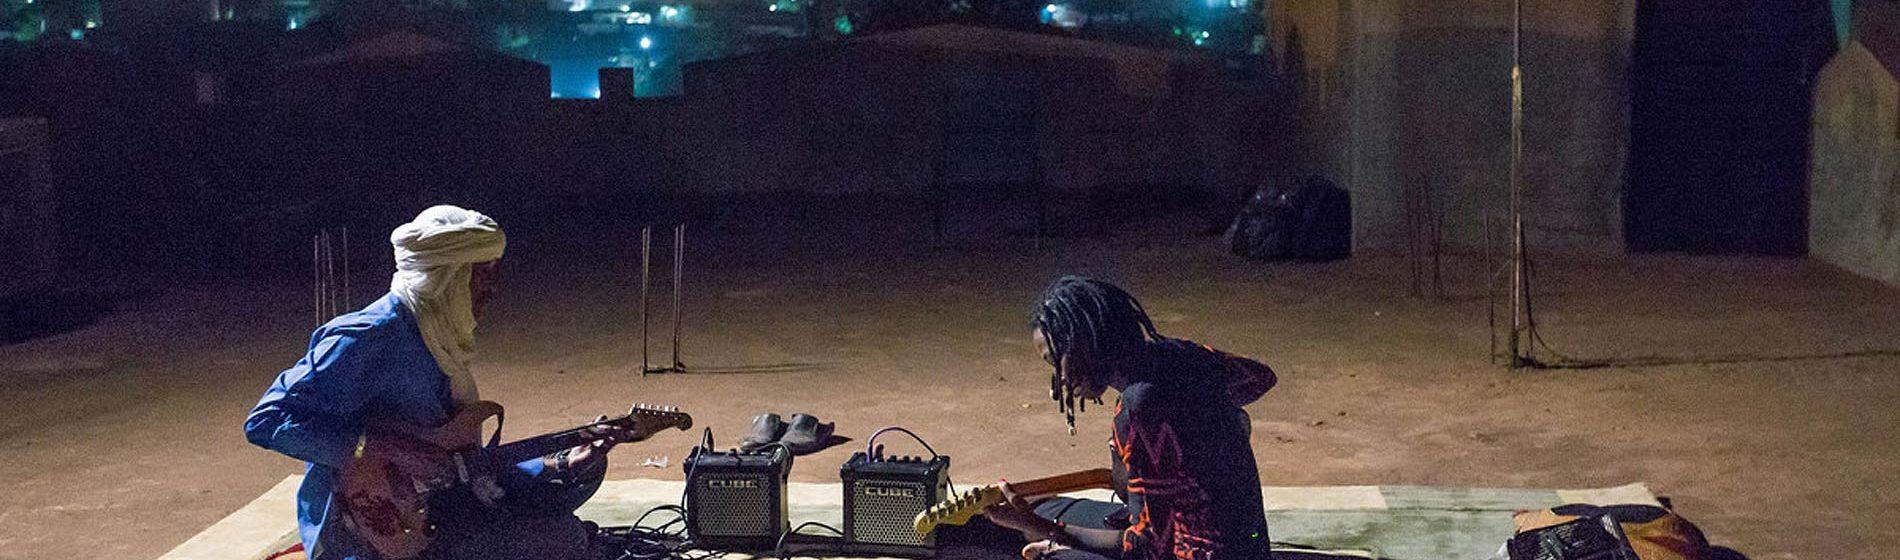 Mali Blues TIFF 2016